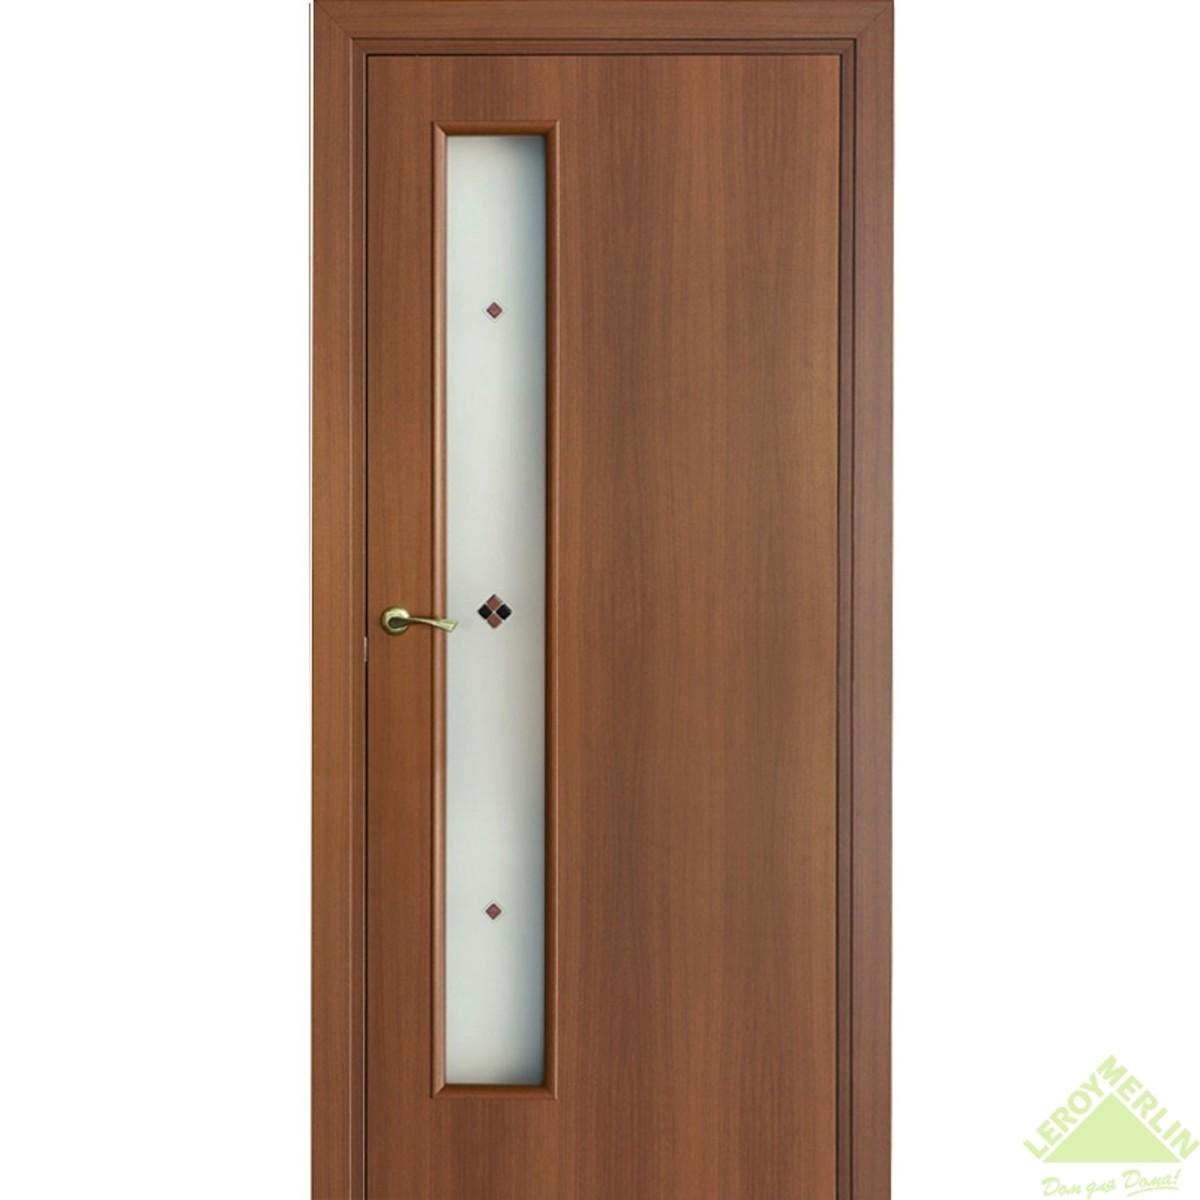 Дверь Межкомнатная Остеклённая Фортунато 60x200 Ламинация Цвет Орех